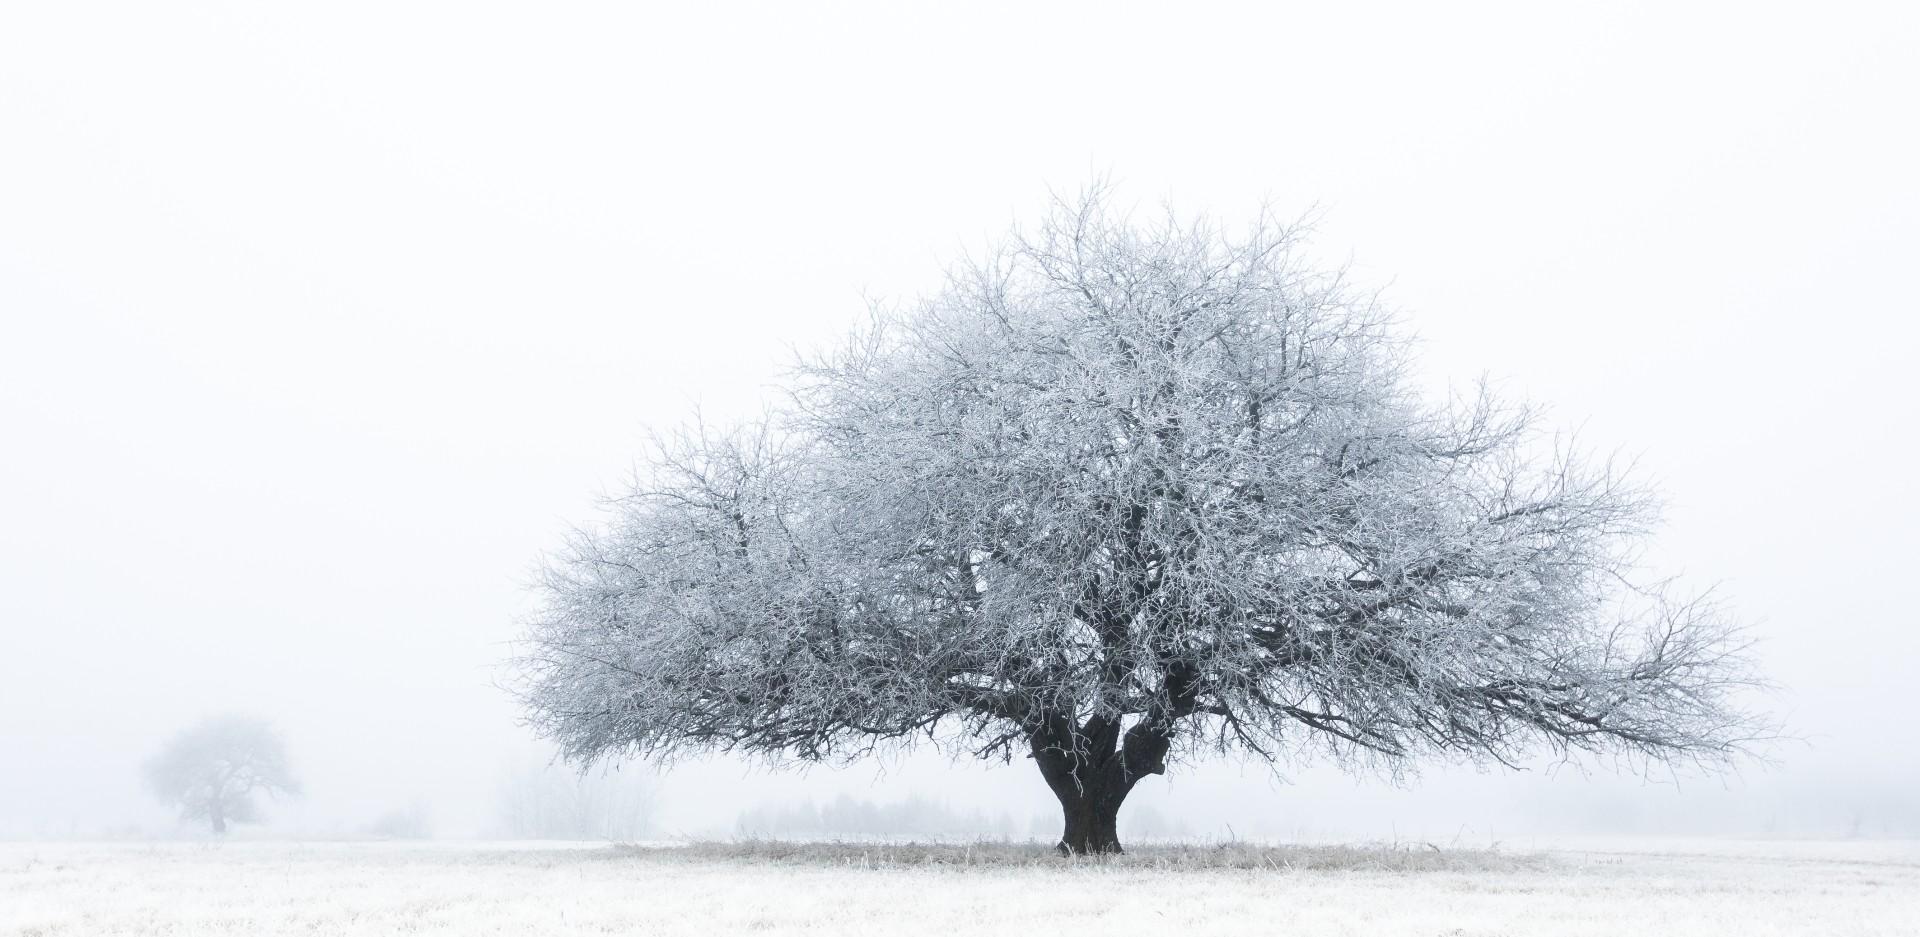 Fotó: Litauszki Tibor: Vackorok a zimankóban<br />Kategória: Növények és gombák<br />Helyezés: 2. díj<br /><br />Zuzmarával takart vadkörtefák egy januári hideg reggelen a Páhi réten. Az extrém fagyos éjszaka után hajnalban köd keletkezett a rétre, így a pára azonnal az ágakra fagyott és díszes köntösbe öltöztette a vackorfákat.